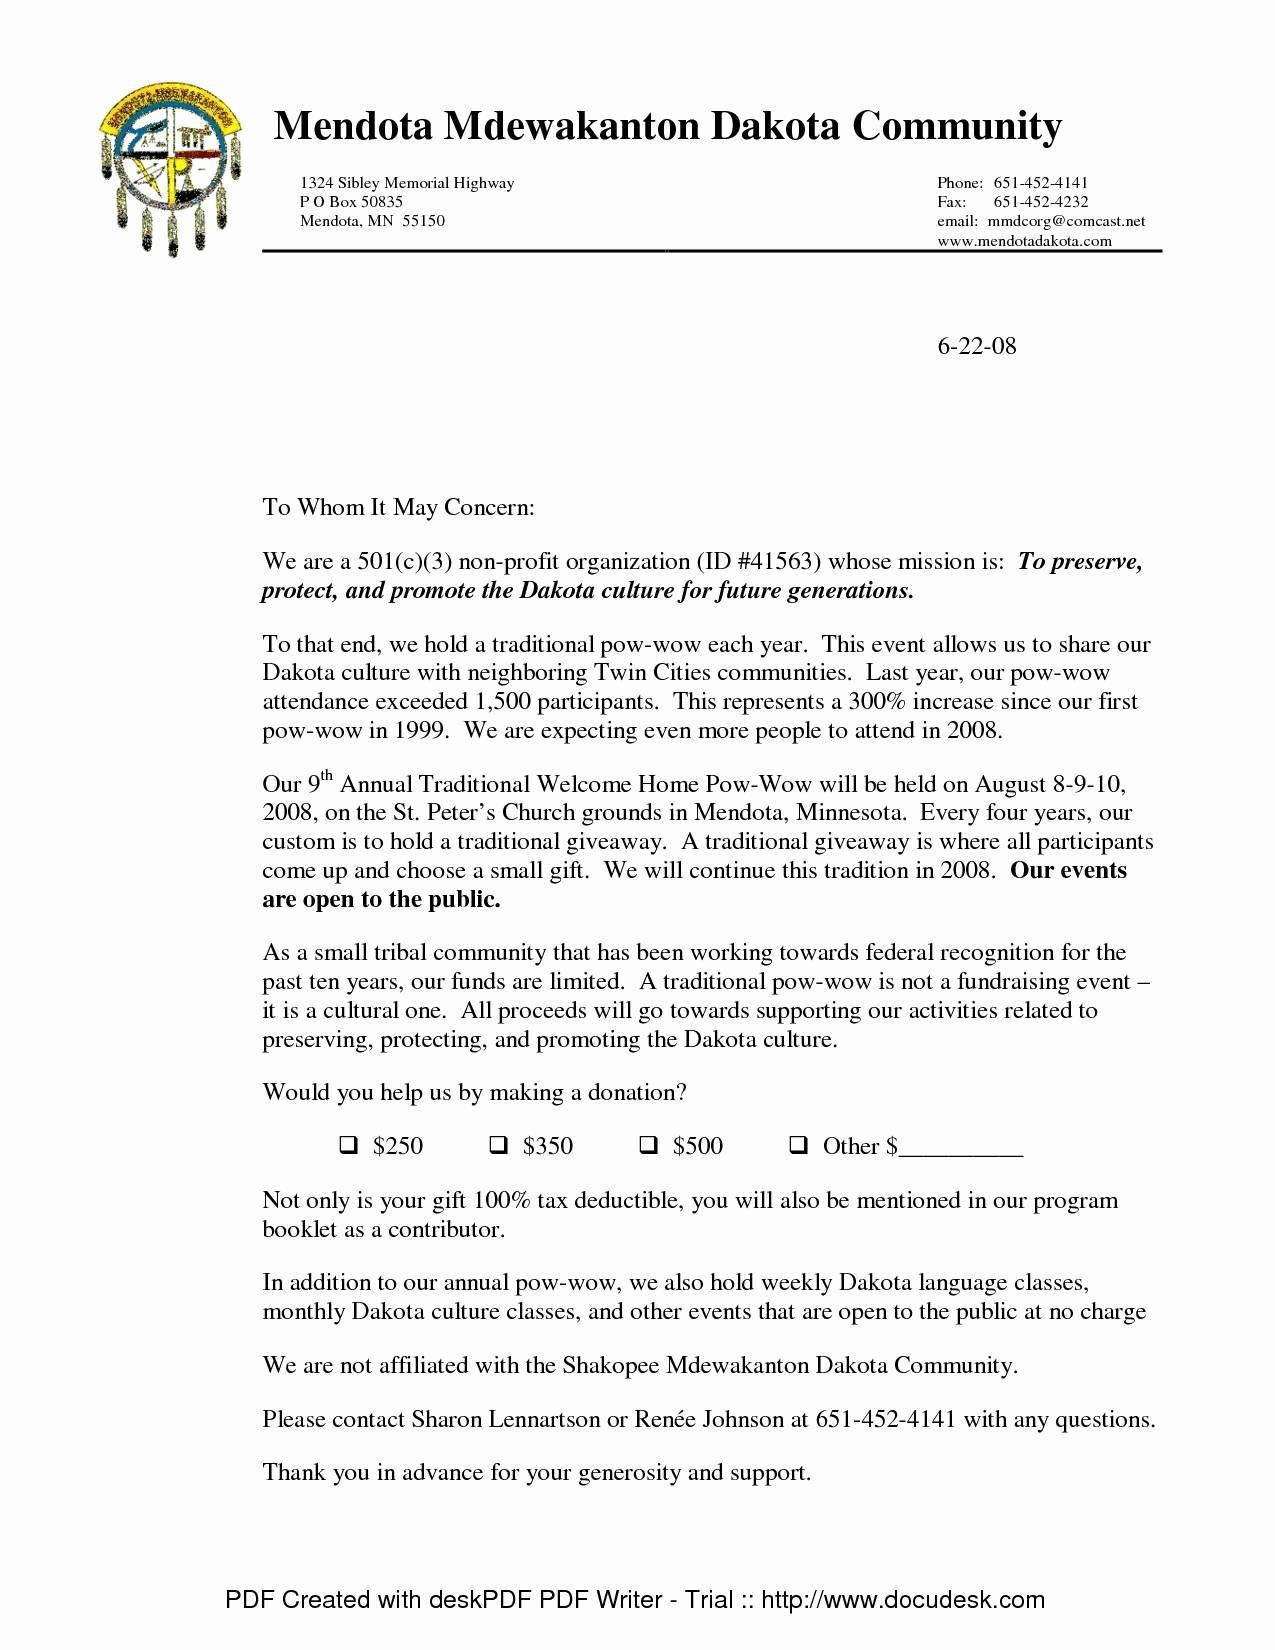 Silent Auction Donation Request Letter Template - 37 Fresh Donation Request Letter for Non Profit